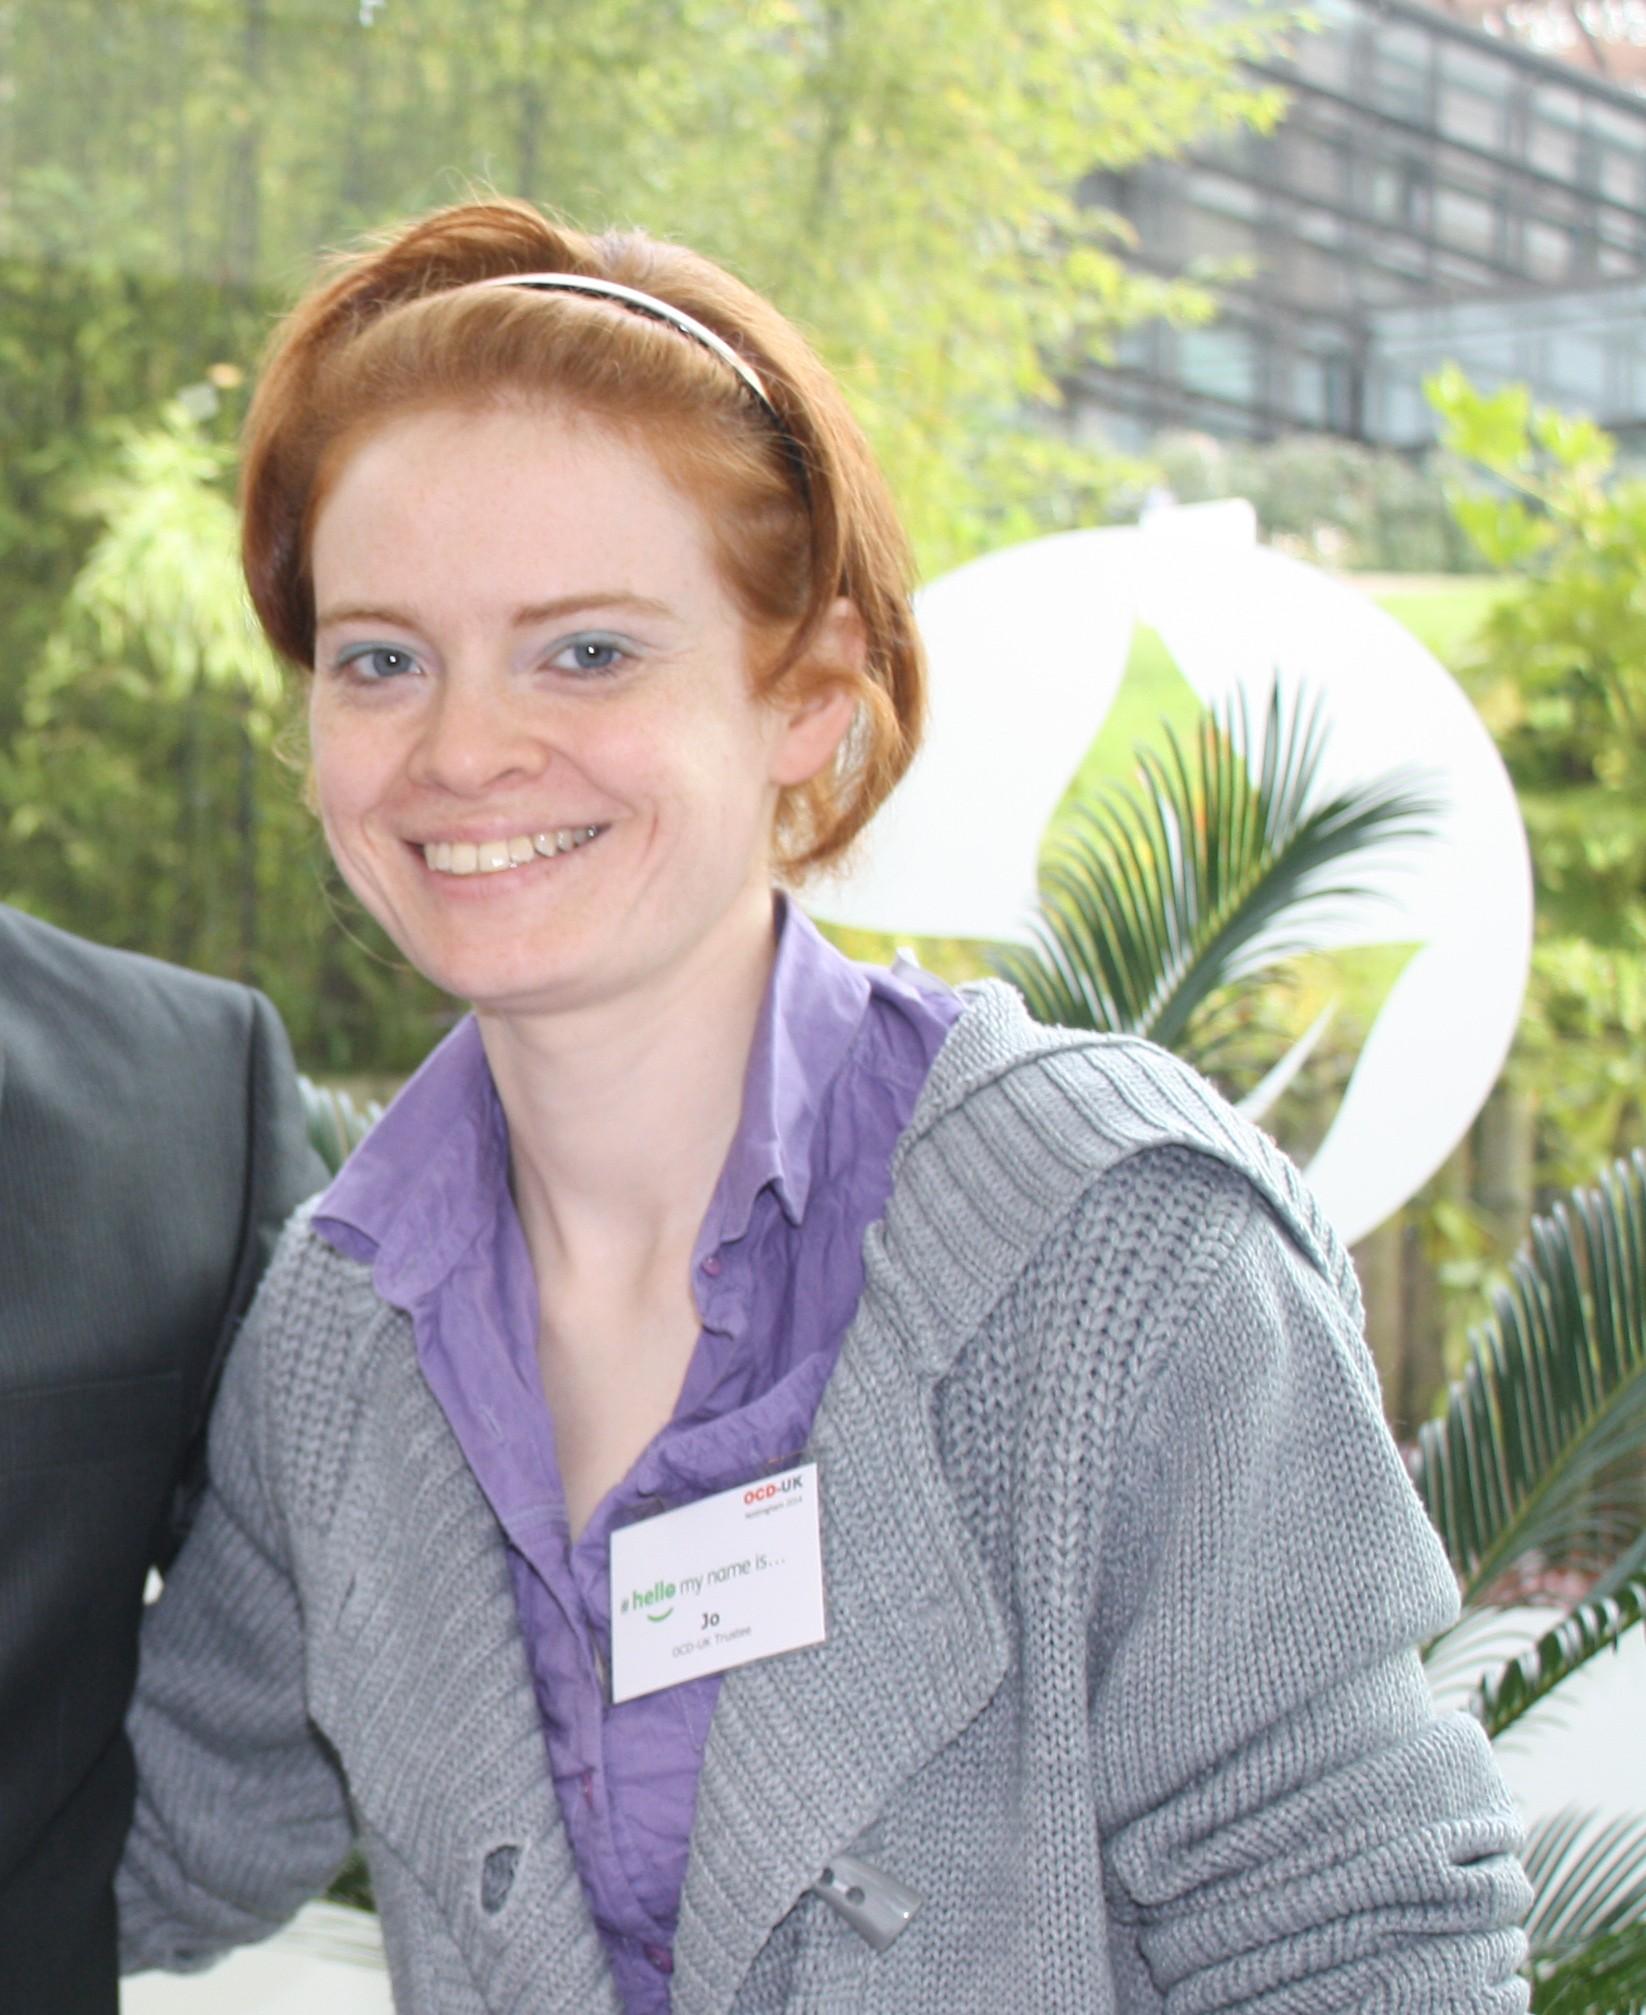 Joanne Griffiths